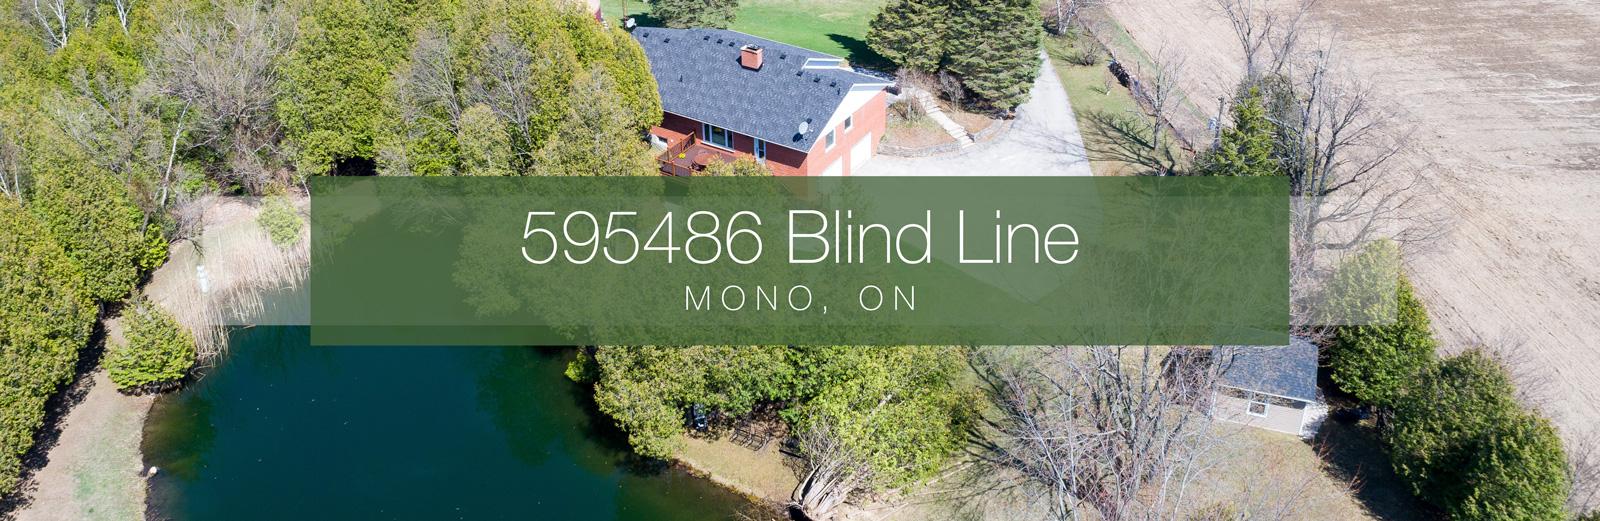 595486-Blind-Line-Header-2018.jpg